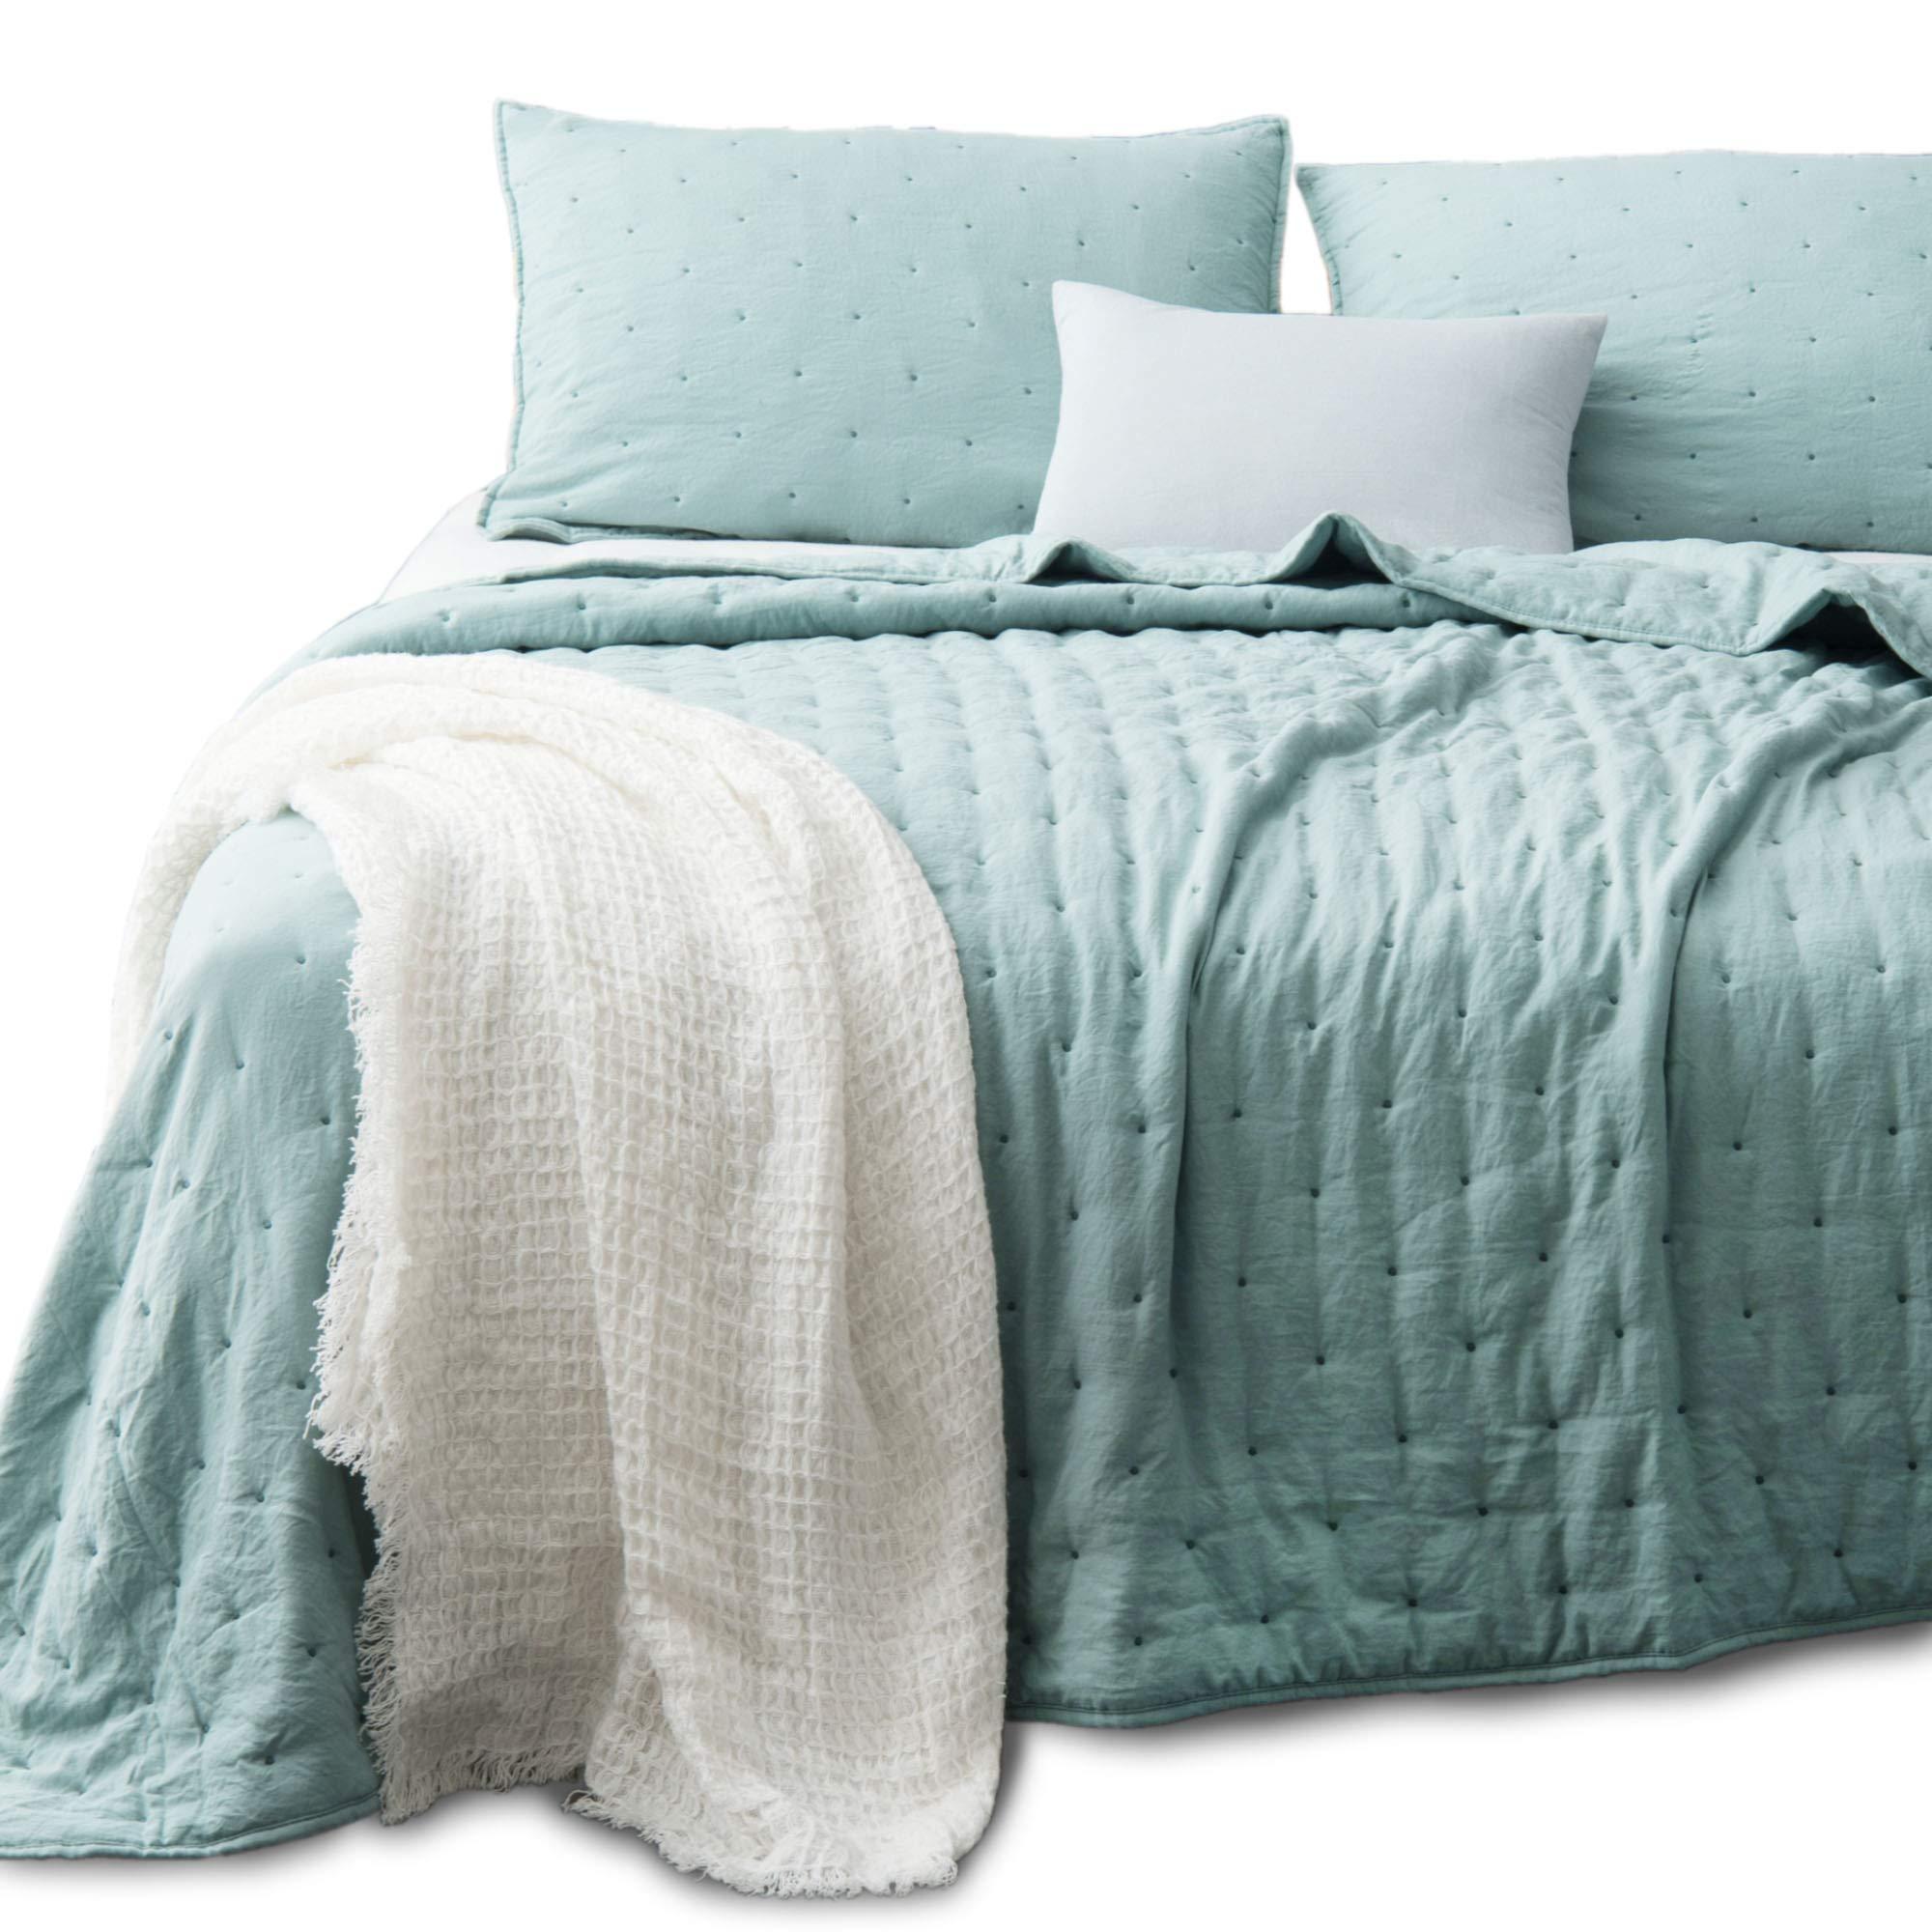 Kasentex Quilt-Coverlet-Bedspread-Blanket-Set + Two Shams, Ultra Soft, Machine Washable, Lightweight, All Season, Nostalgic Design - Hypoallergenic - Solid Color - King Size Set